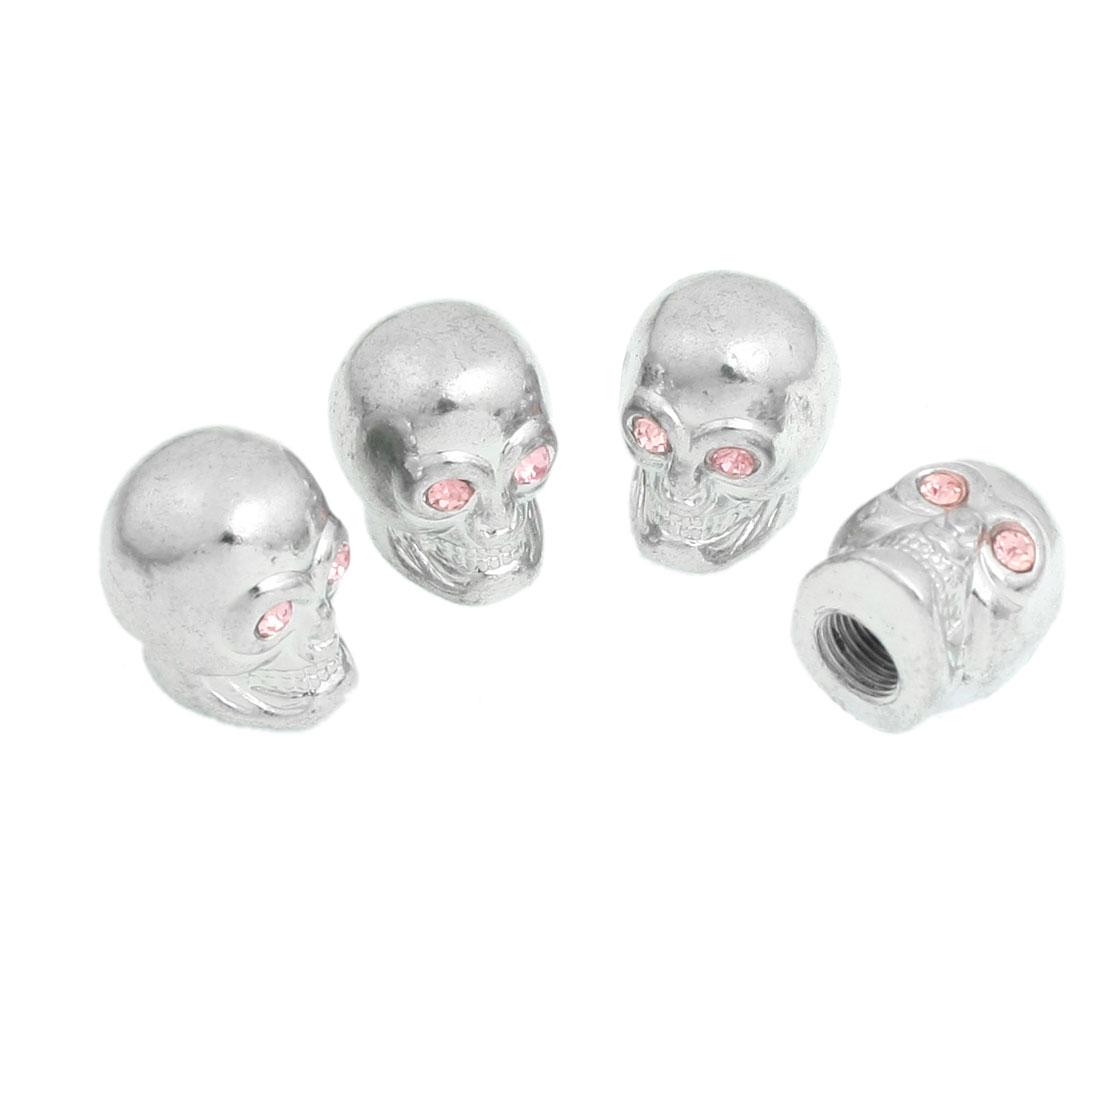 4 Pcs Sliver Tone Pink Skull Head Aluminum Alloy Car Tyre Valve Cap Cover